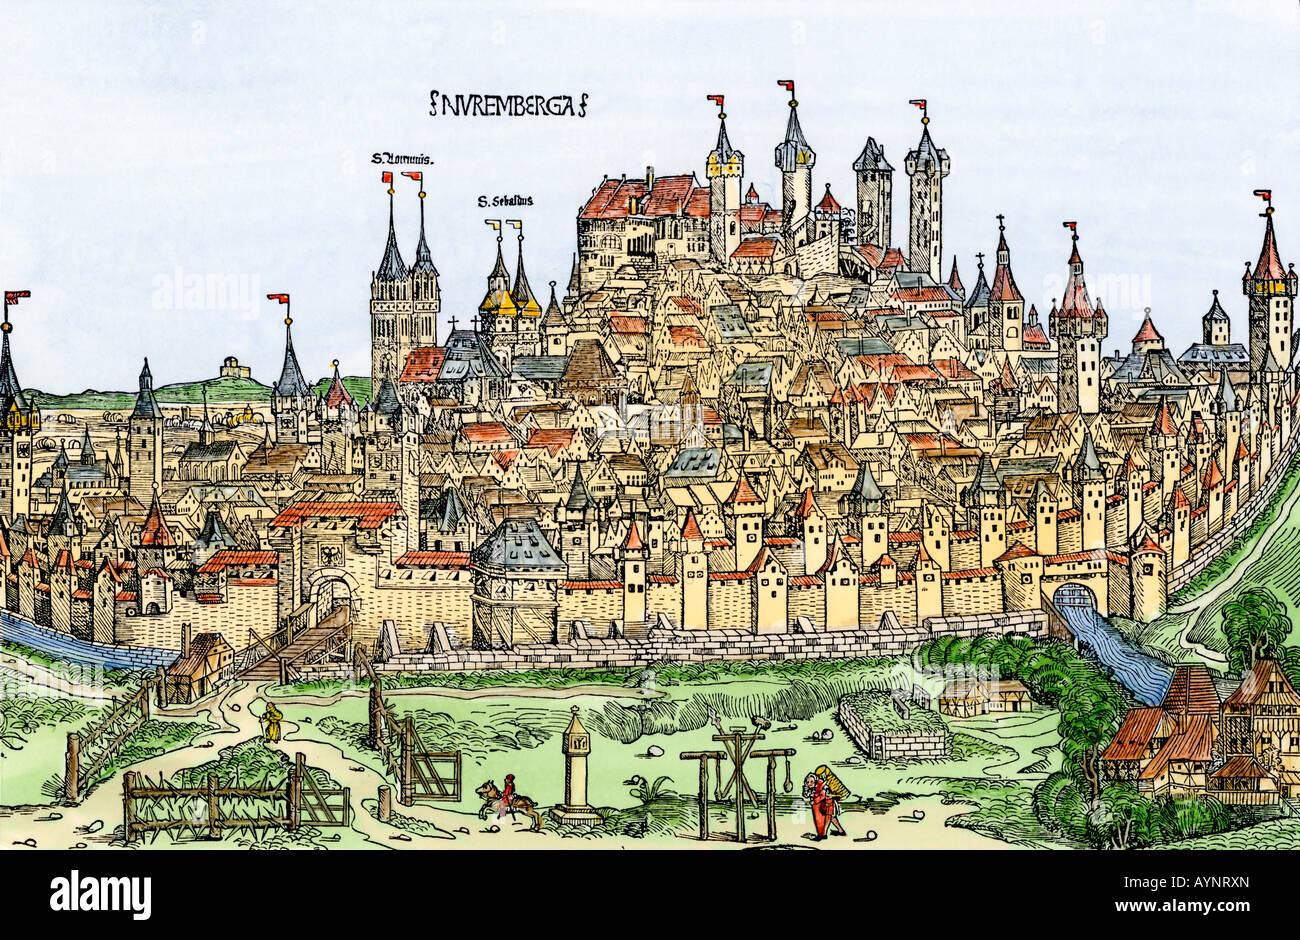 Von einer mittelalterlichen Stadtmauer umgebenen Stadt Nürnberg Deutschland 1400. Hand - farbige Holzschnitt Stockbild